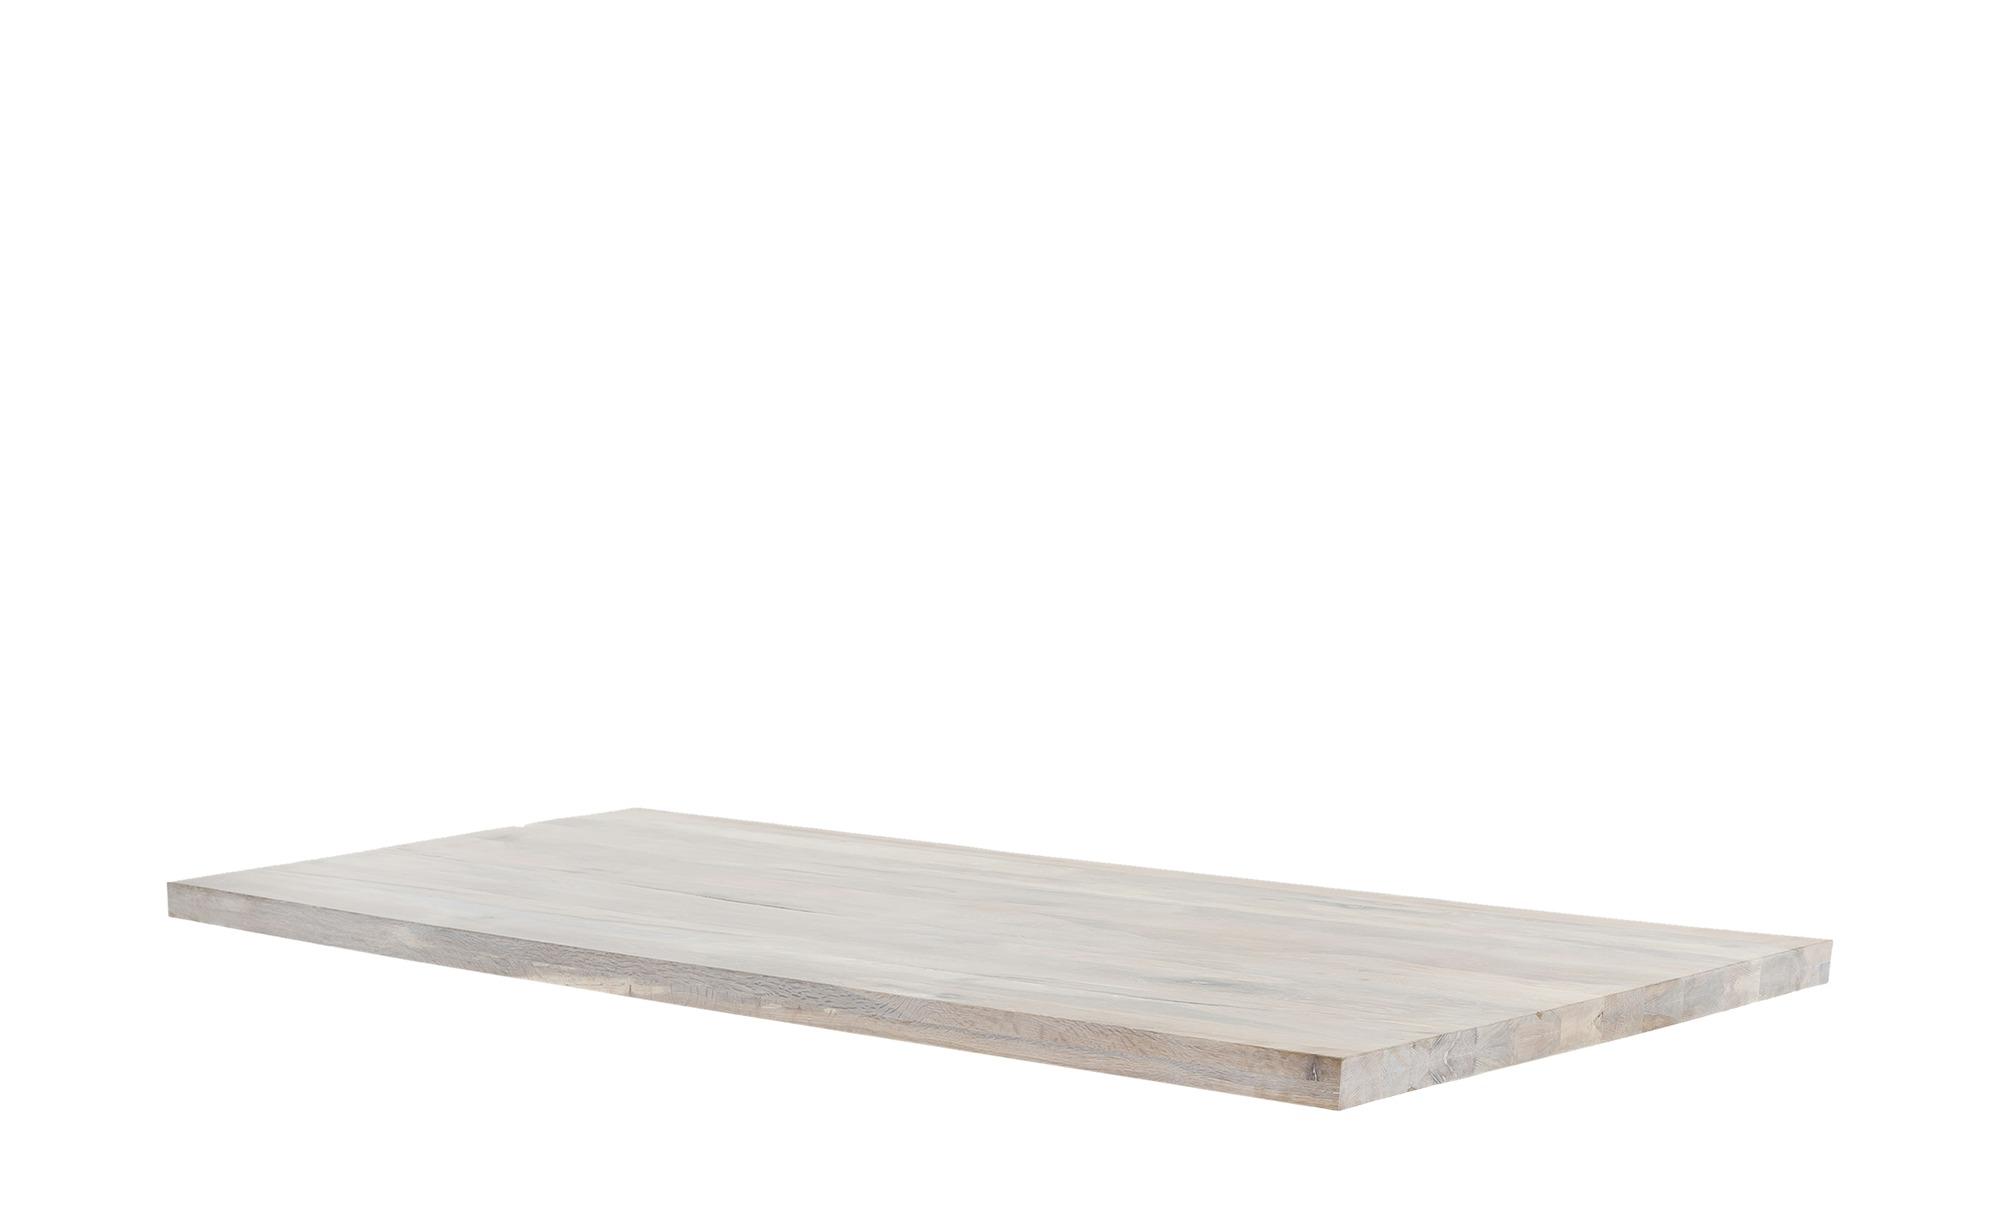 #Tischplatte  Tuxa massiv ¦ weiß ¦ Massivholz, gekälkt ¦ Maße (cm): B: 90 H: 5 Tische > Tischplatten – Höffner#